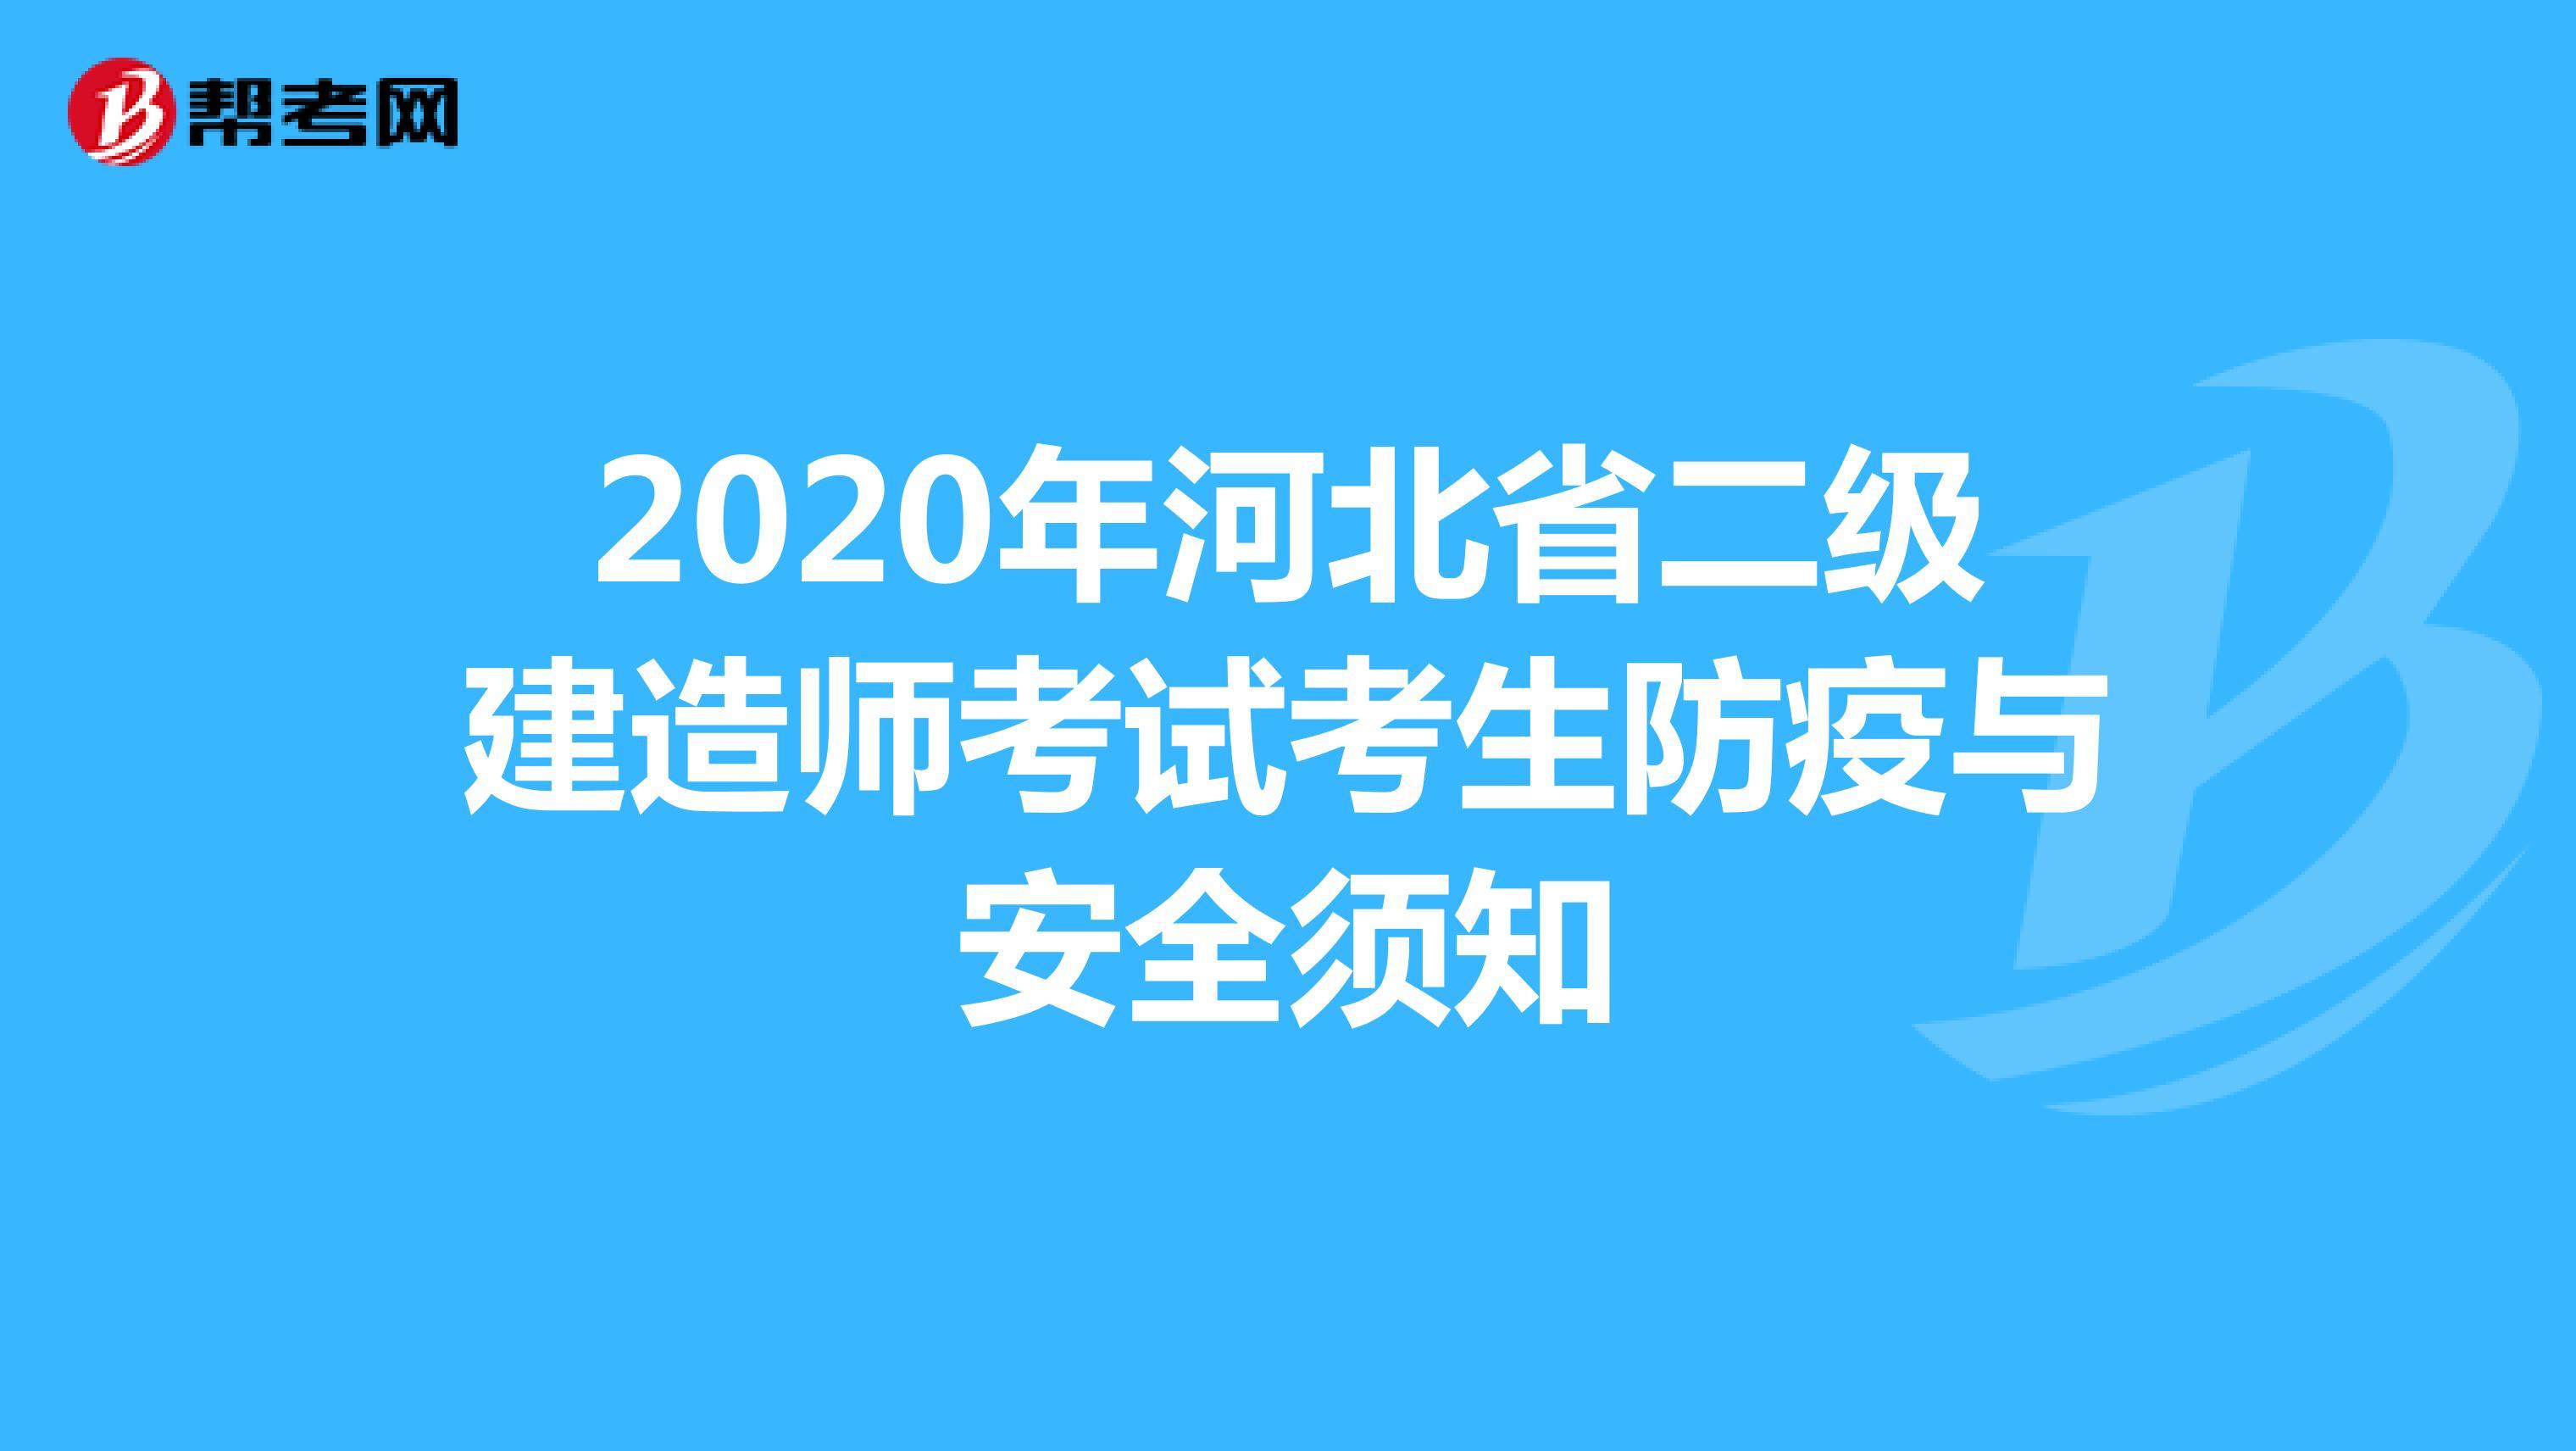 2020年河北省二級建造師考試考生防疫與安全須知